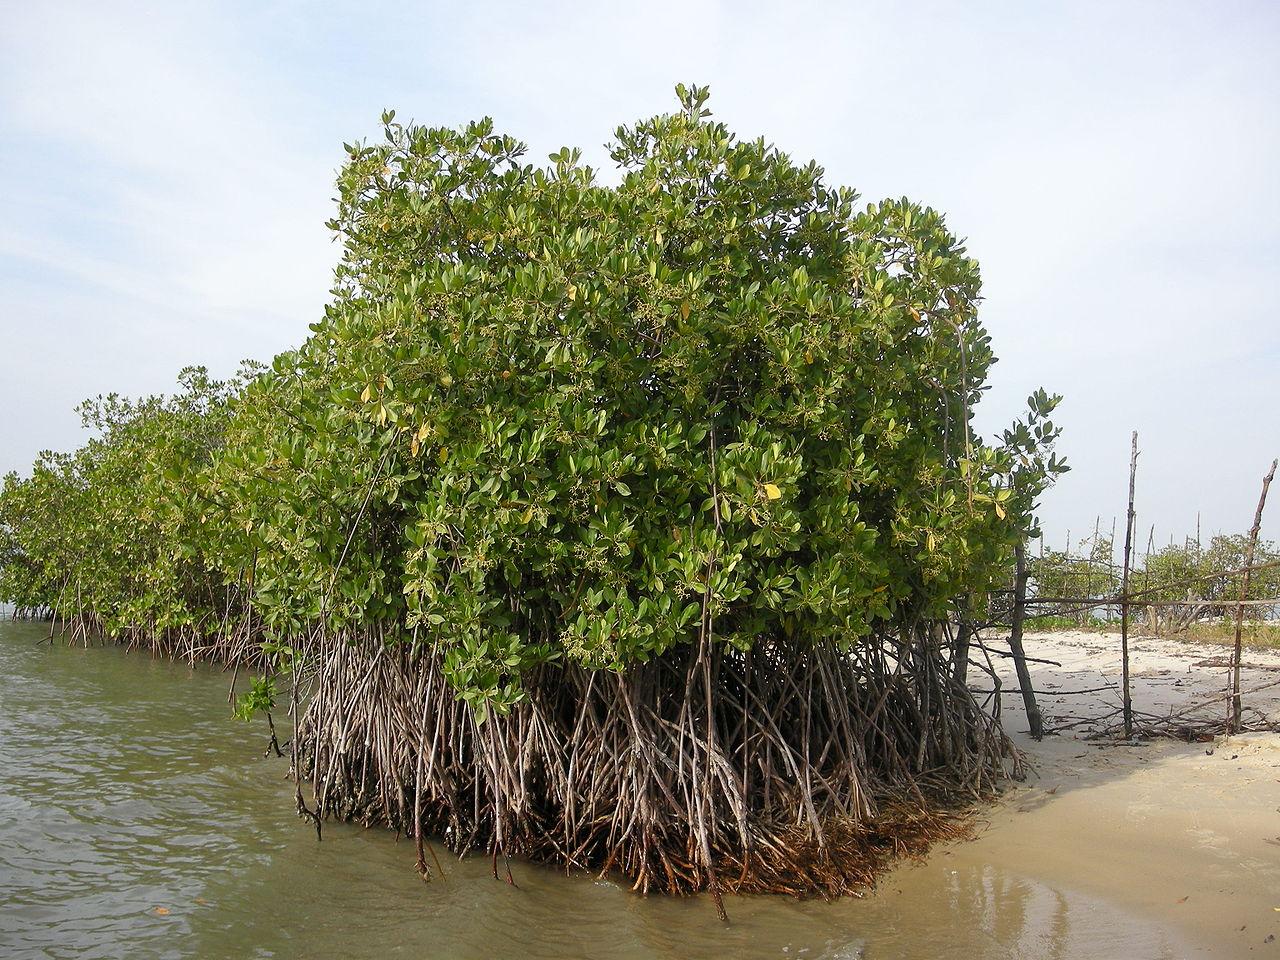 Mangrove à palétuviers sur l'île de Carabane, au Sénégal